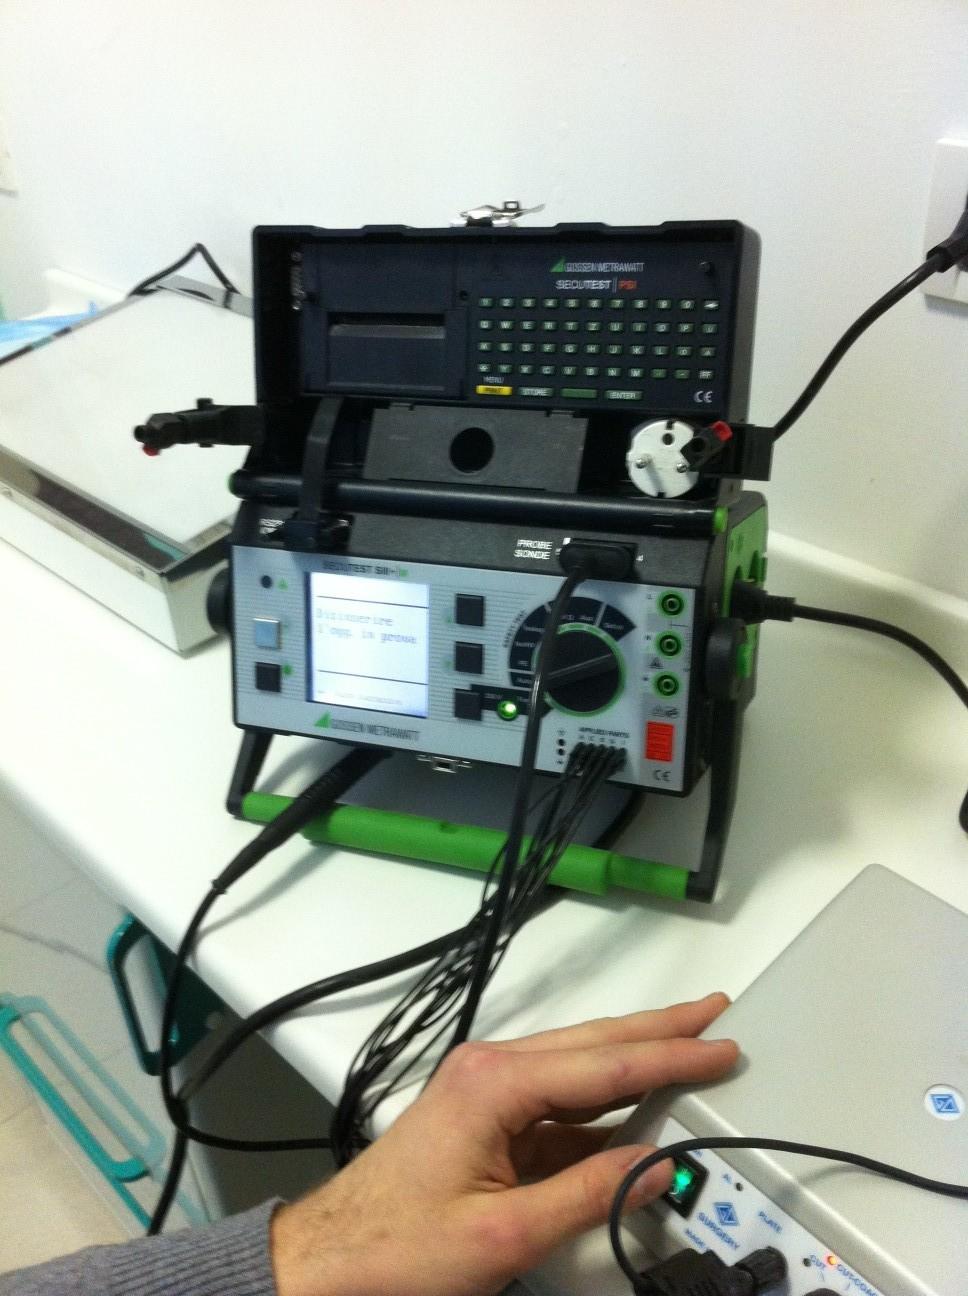 progettazione impianti elettrici e fotovoltaici verifiche impianto elettrico studi medici sicurezza delle apparecchiature elettromedicali 6